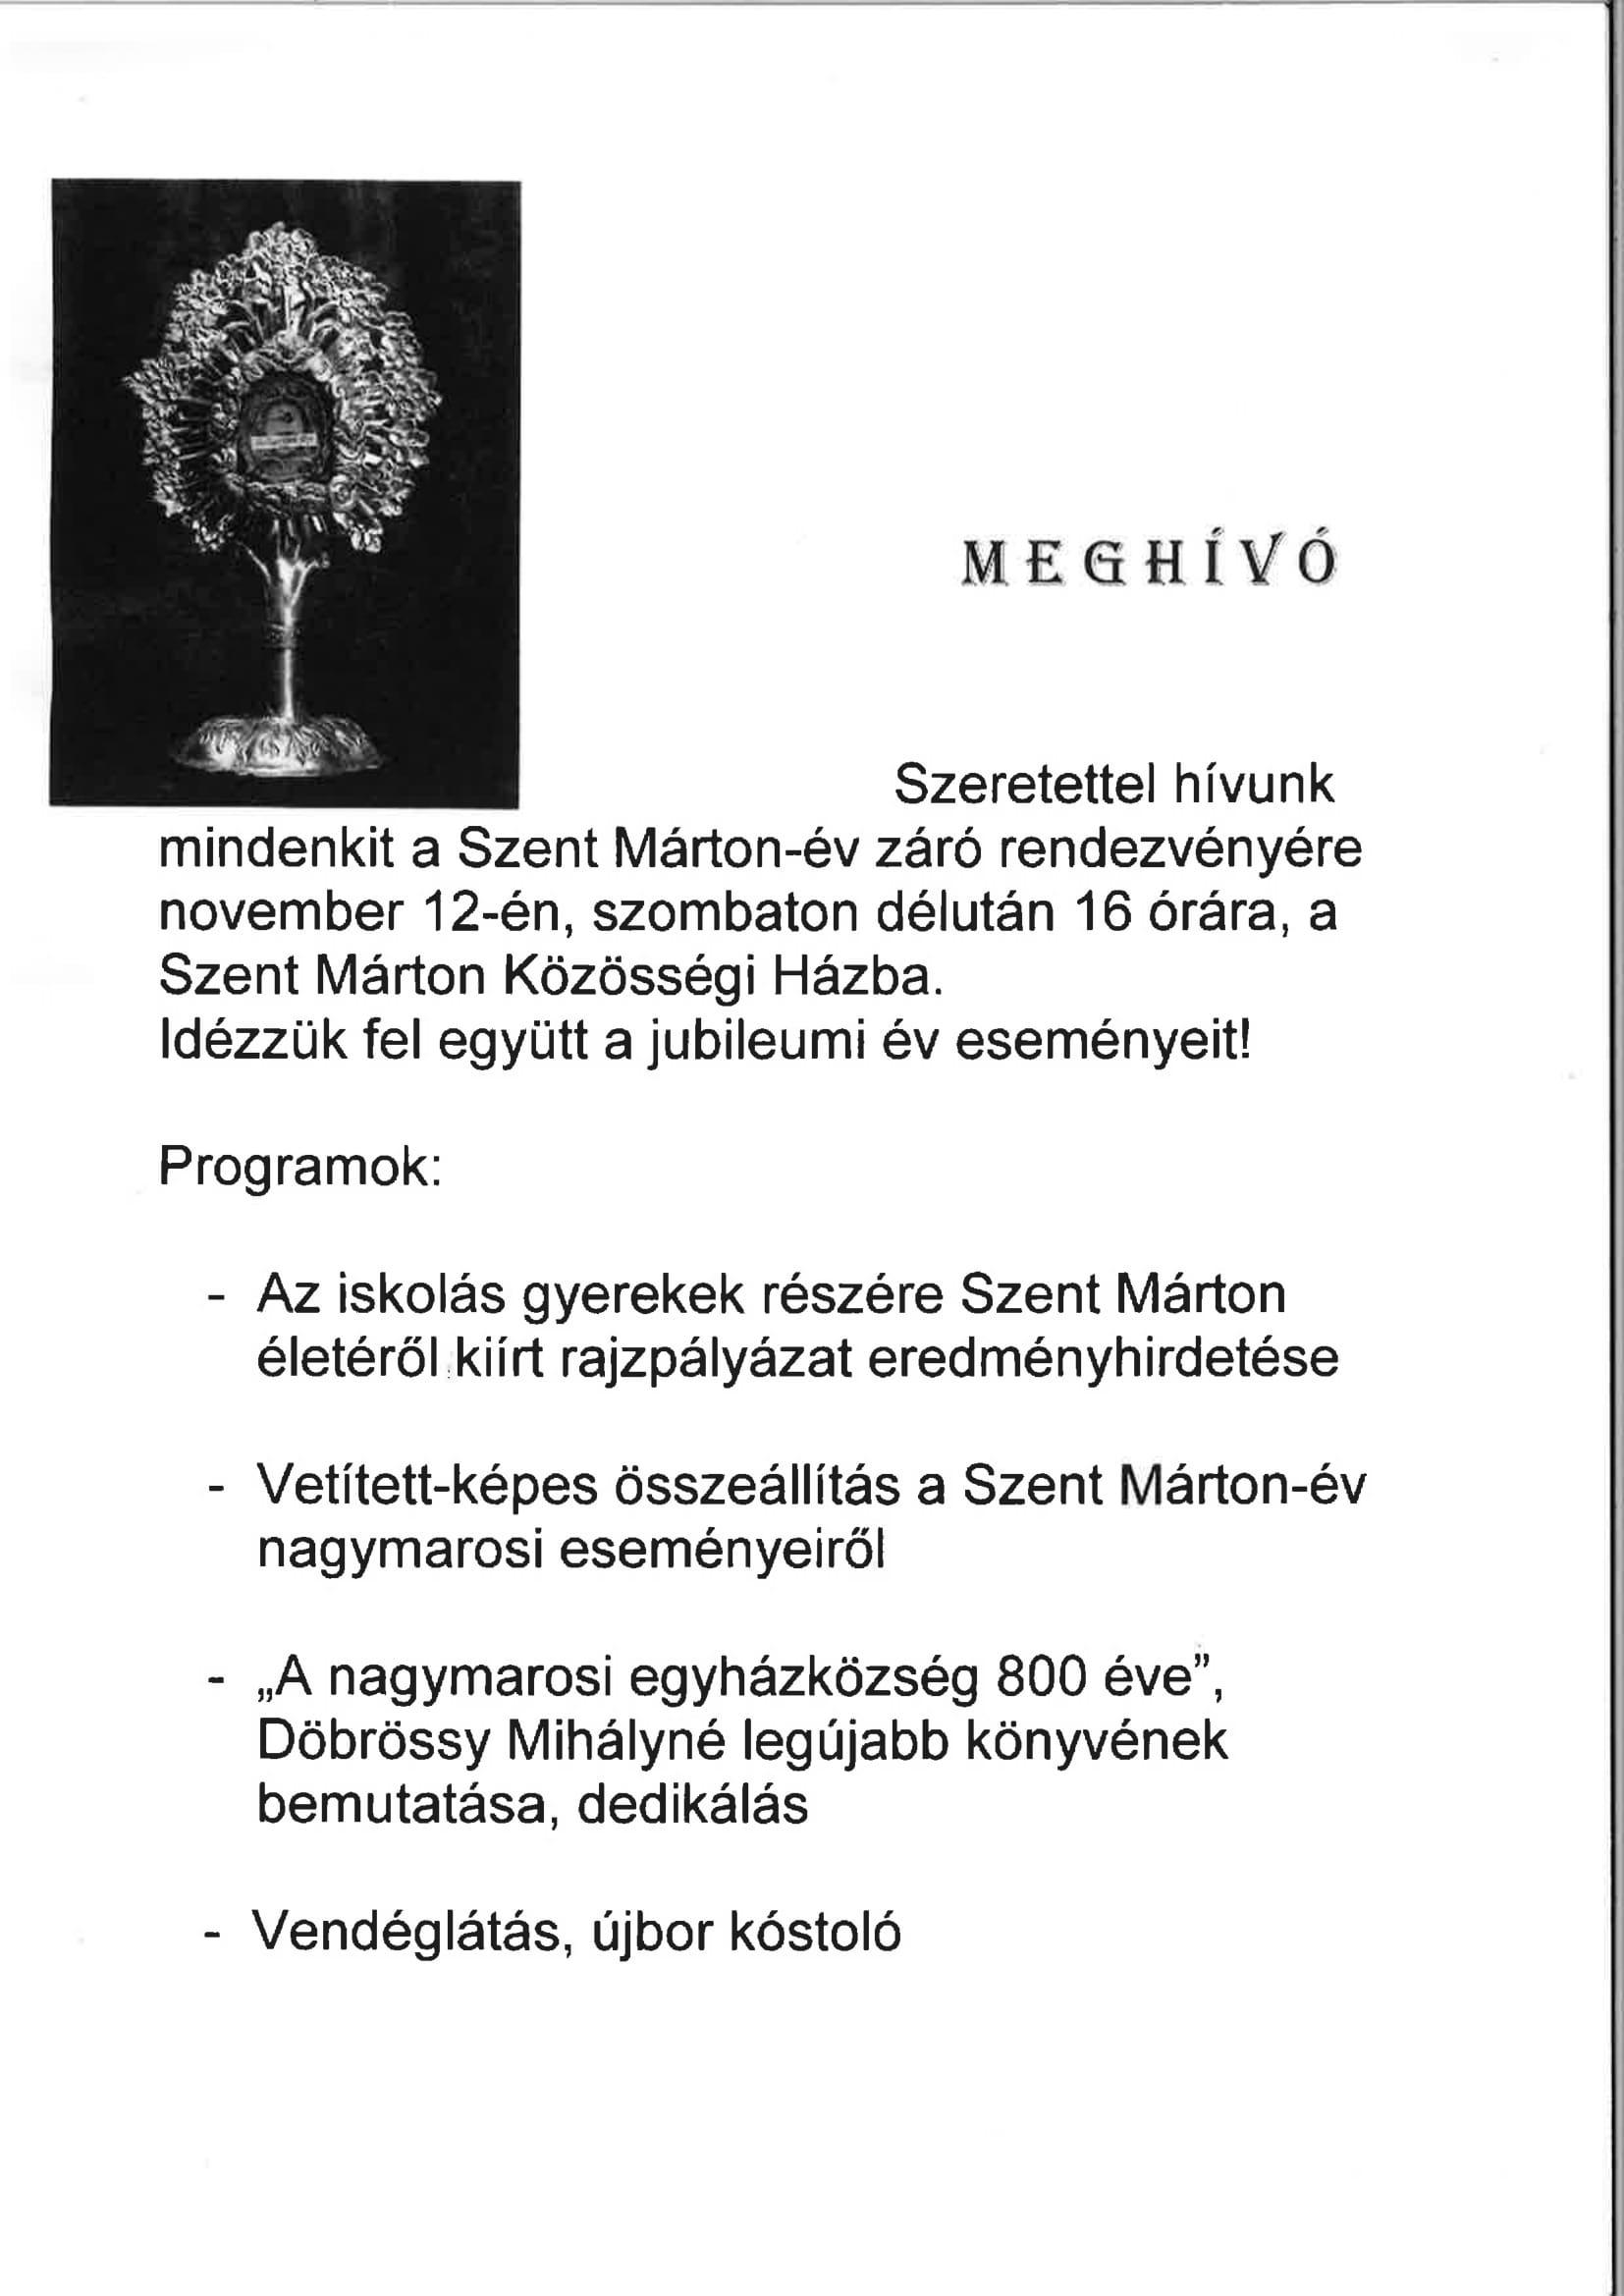 Döbrössy_Kriszta_ meghívó Nagymaros_november 12-1